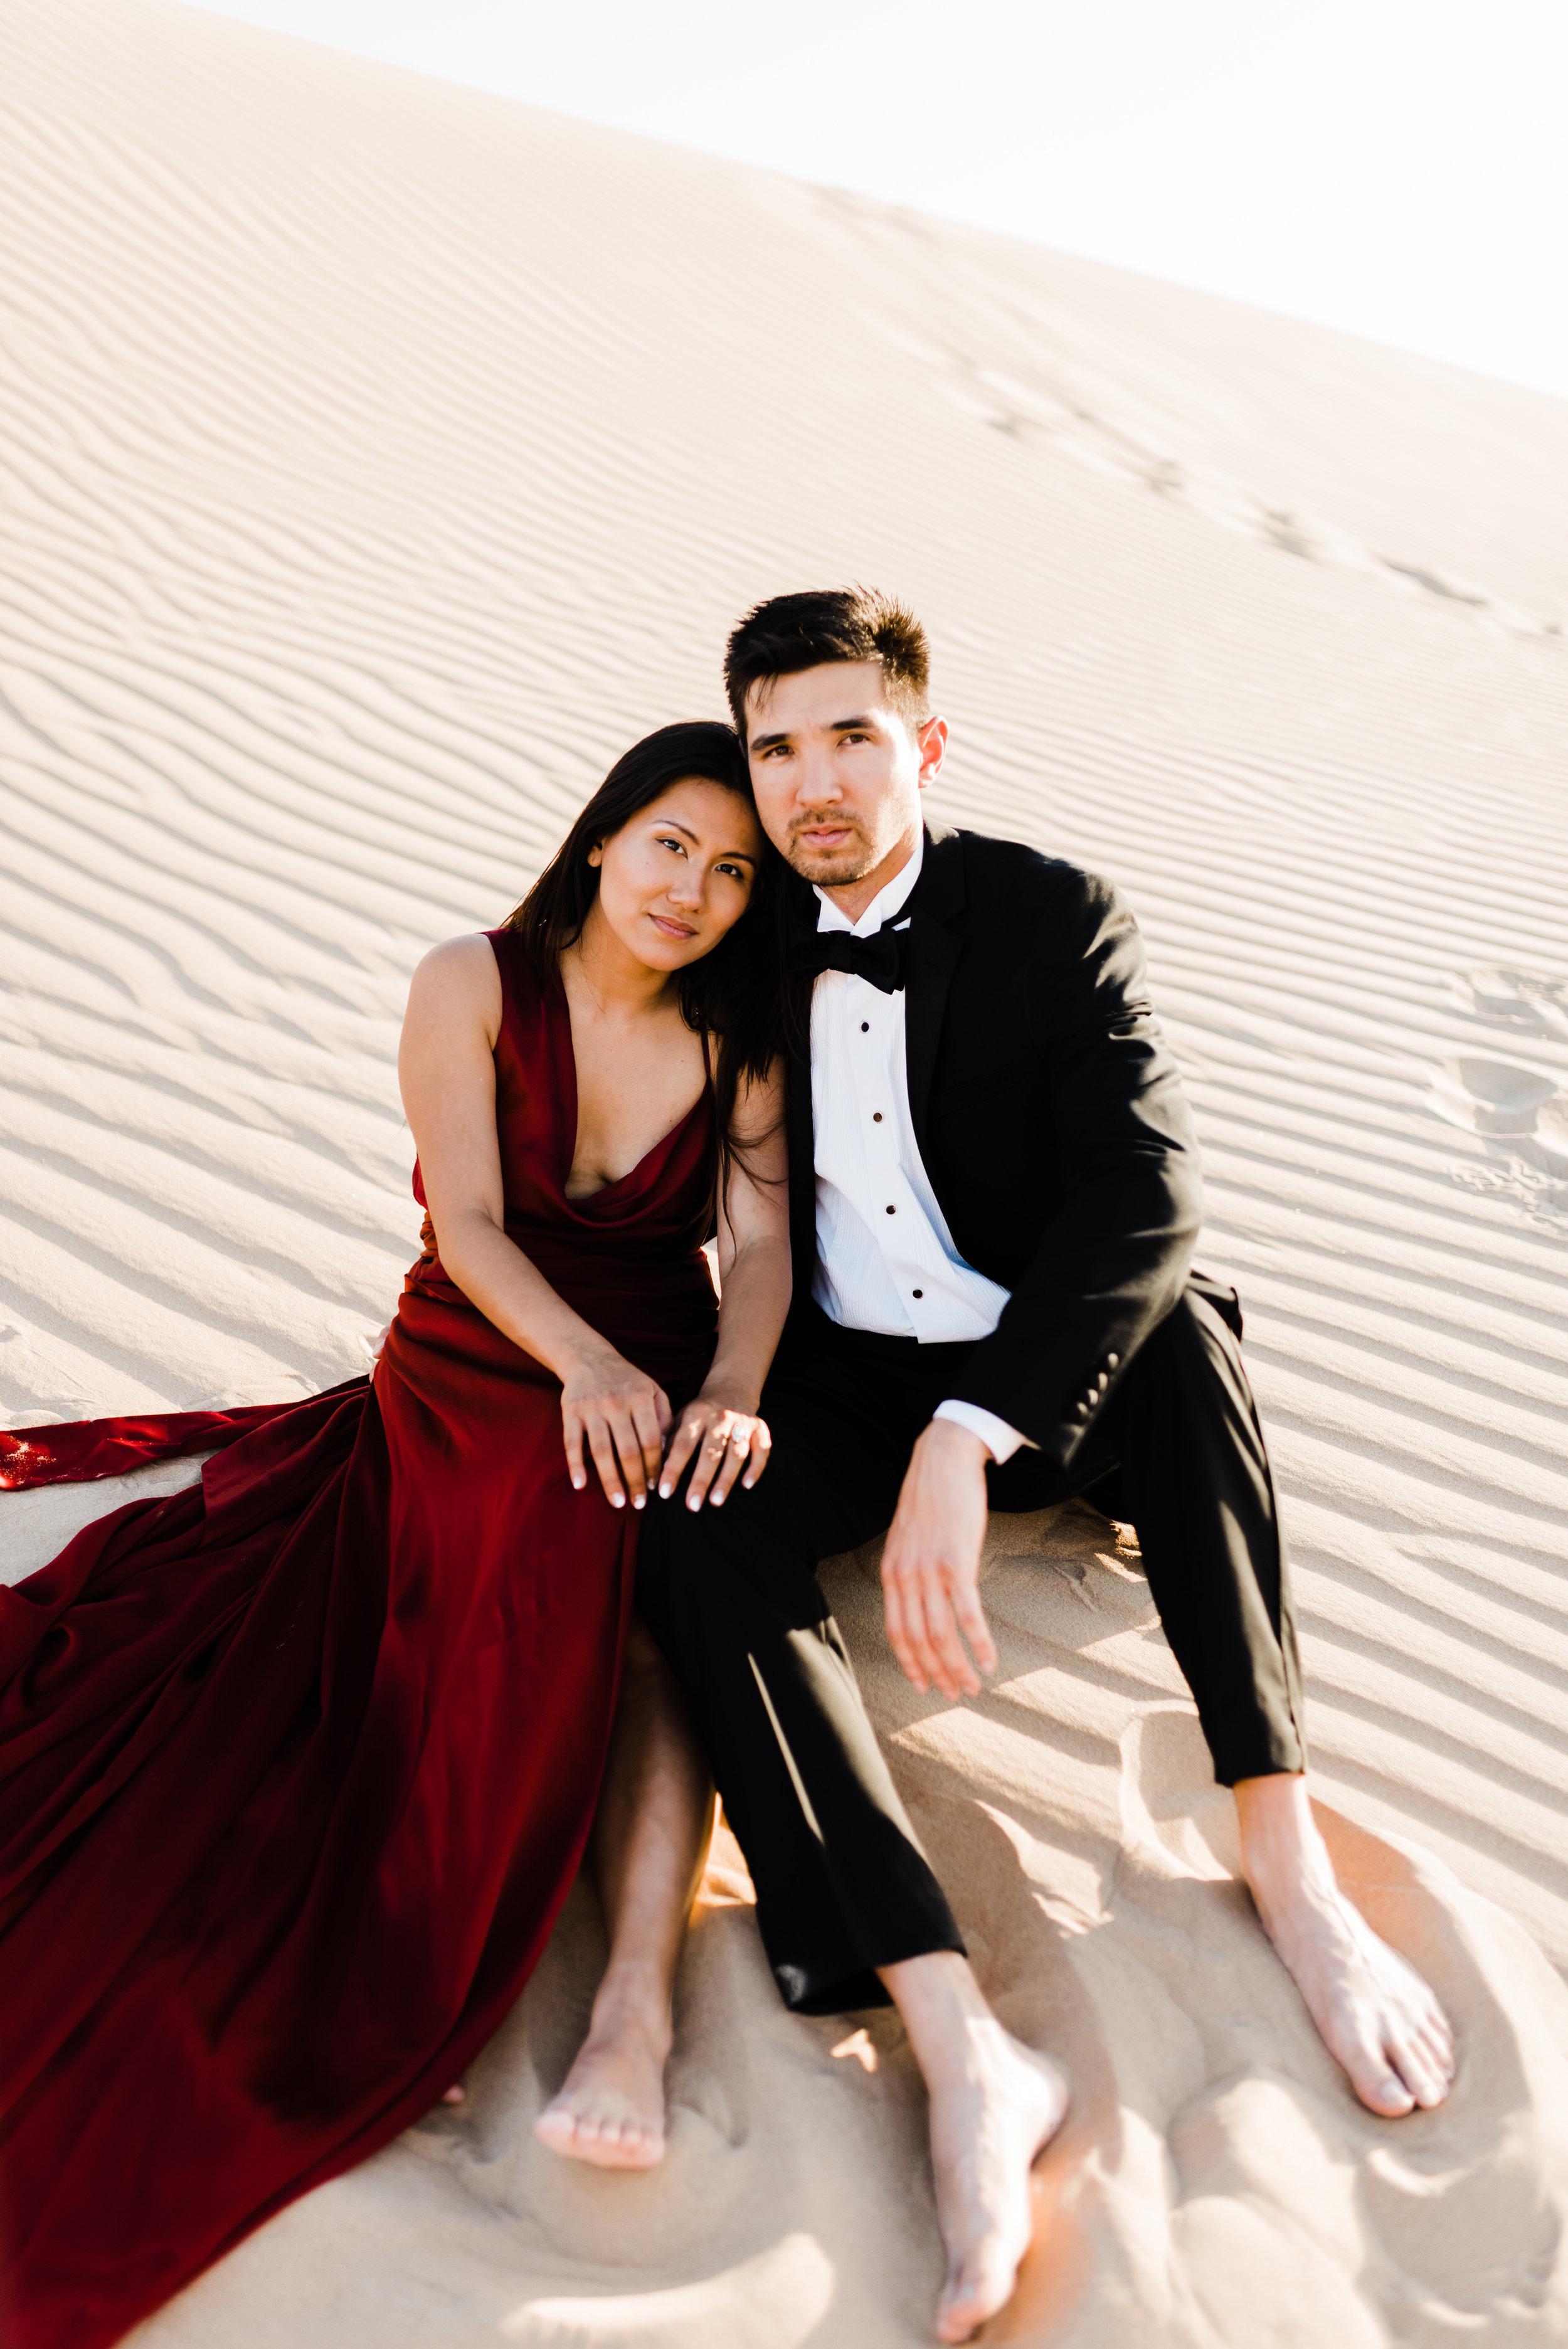 Custom wedding dress designer red 20.jpg